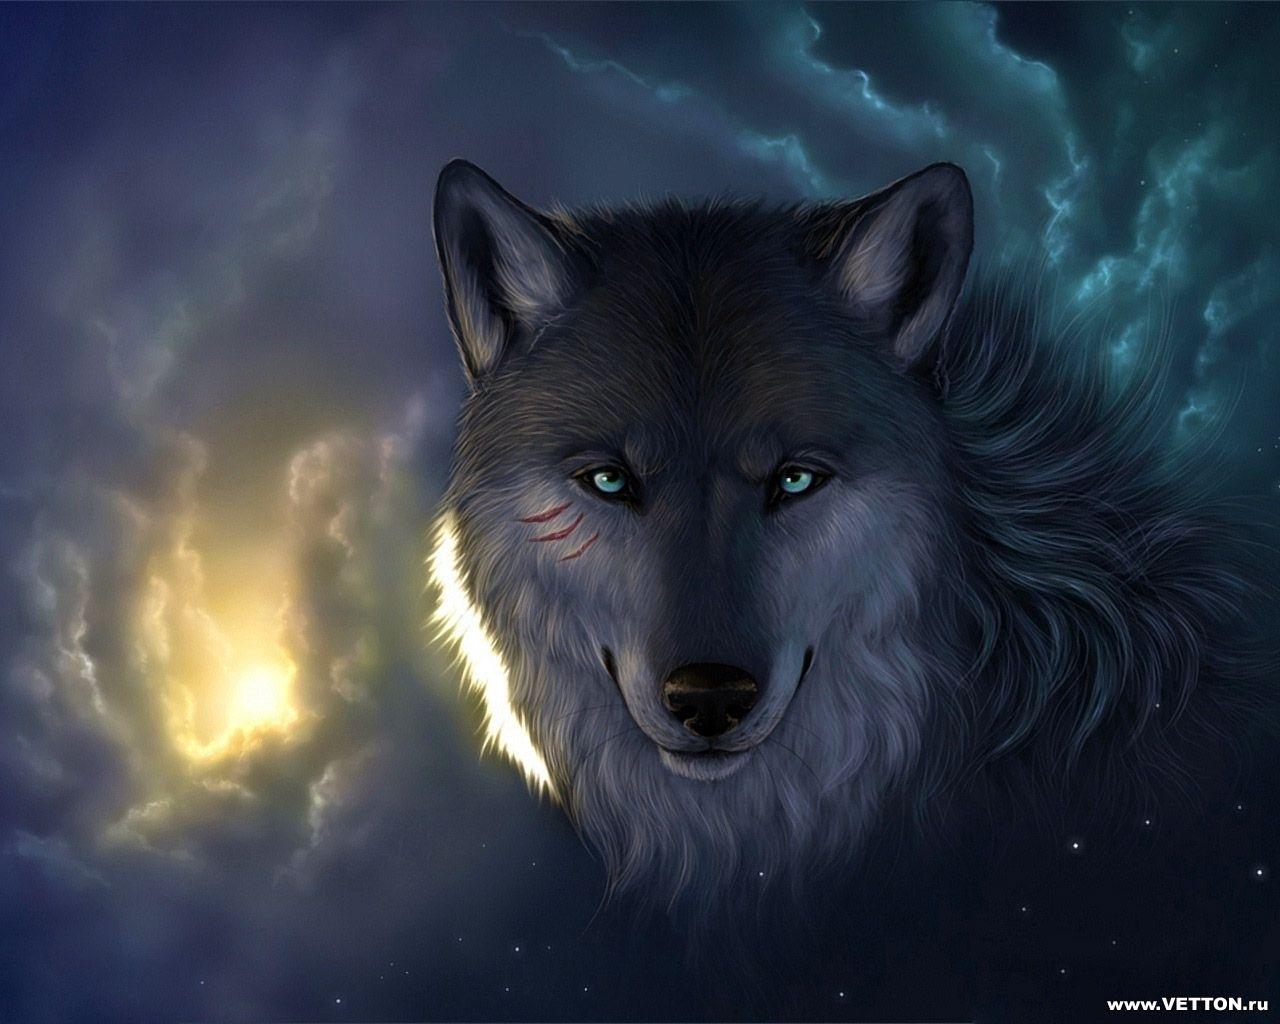 10201 Salvapantallas y fondos de pantalla Imágenes en tu teléfono. Descarga imágenes de Animales, Lobos, Imágenes gratis